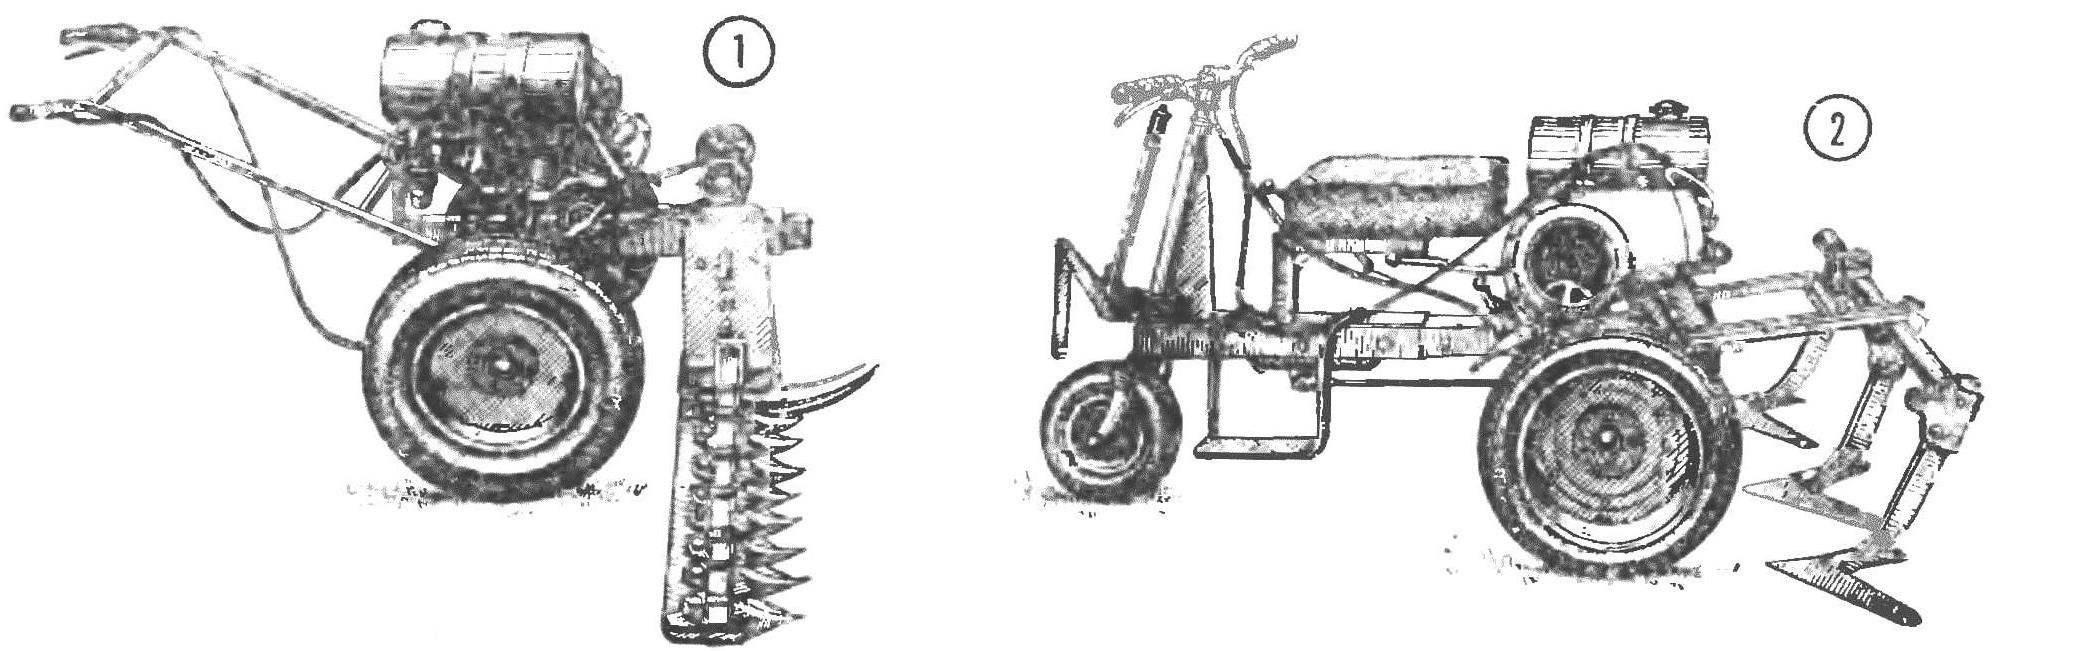 Рис 1.Универсальный мотоблок МУСМ-1